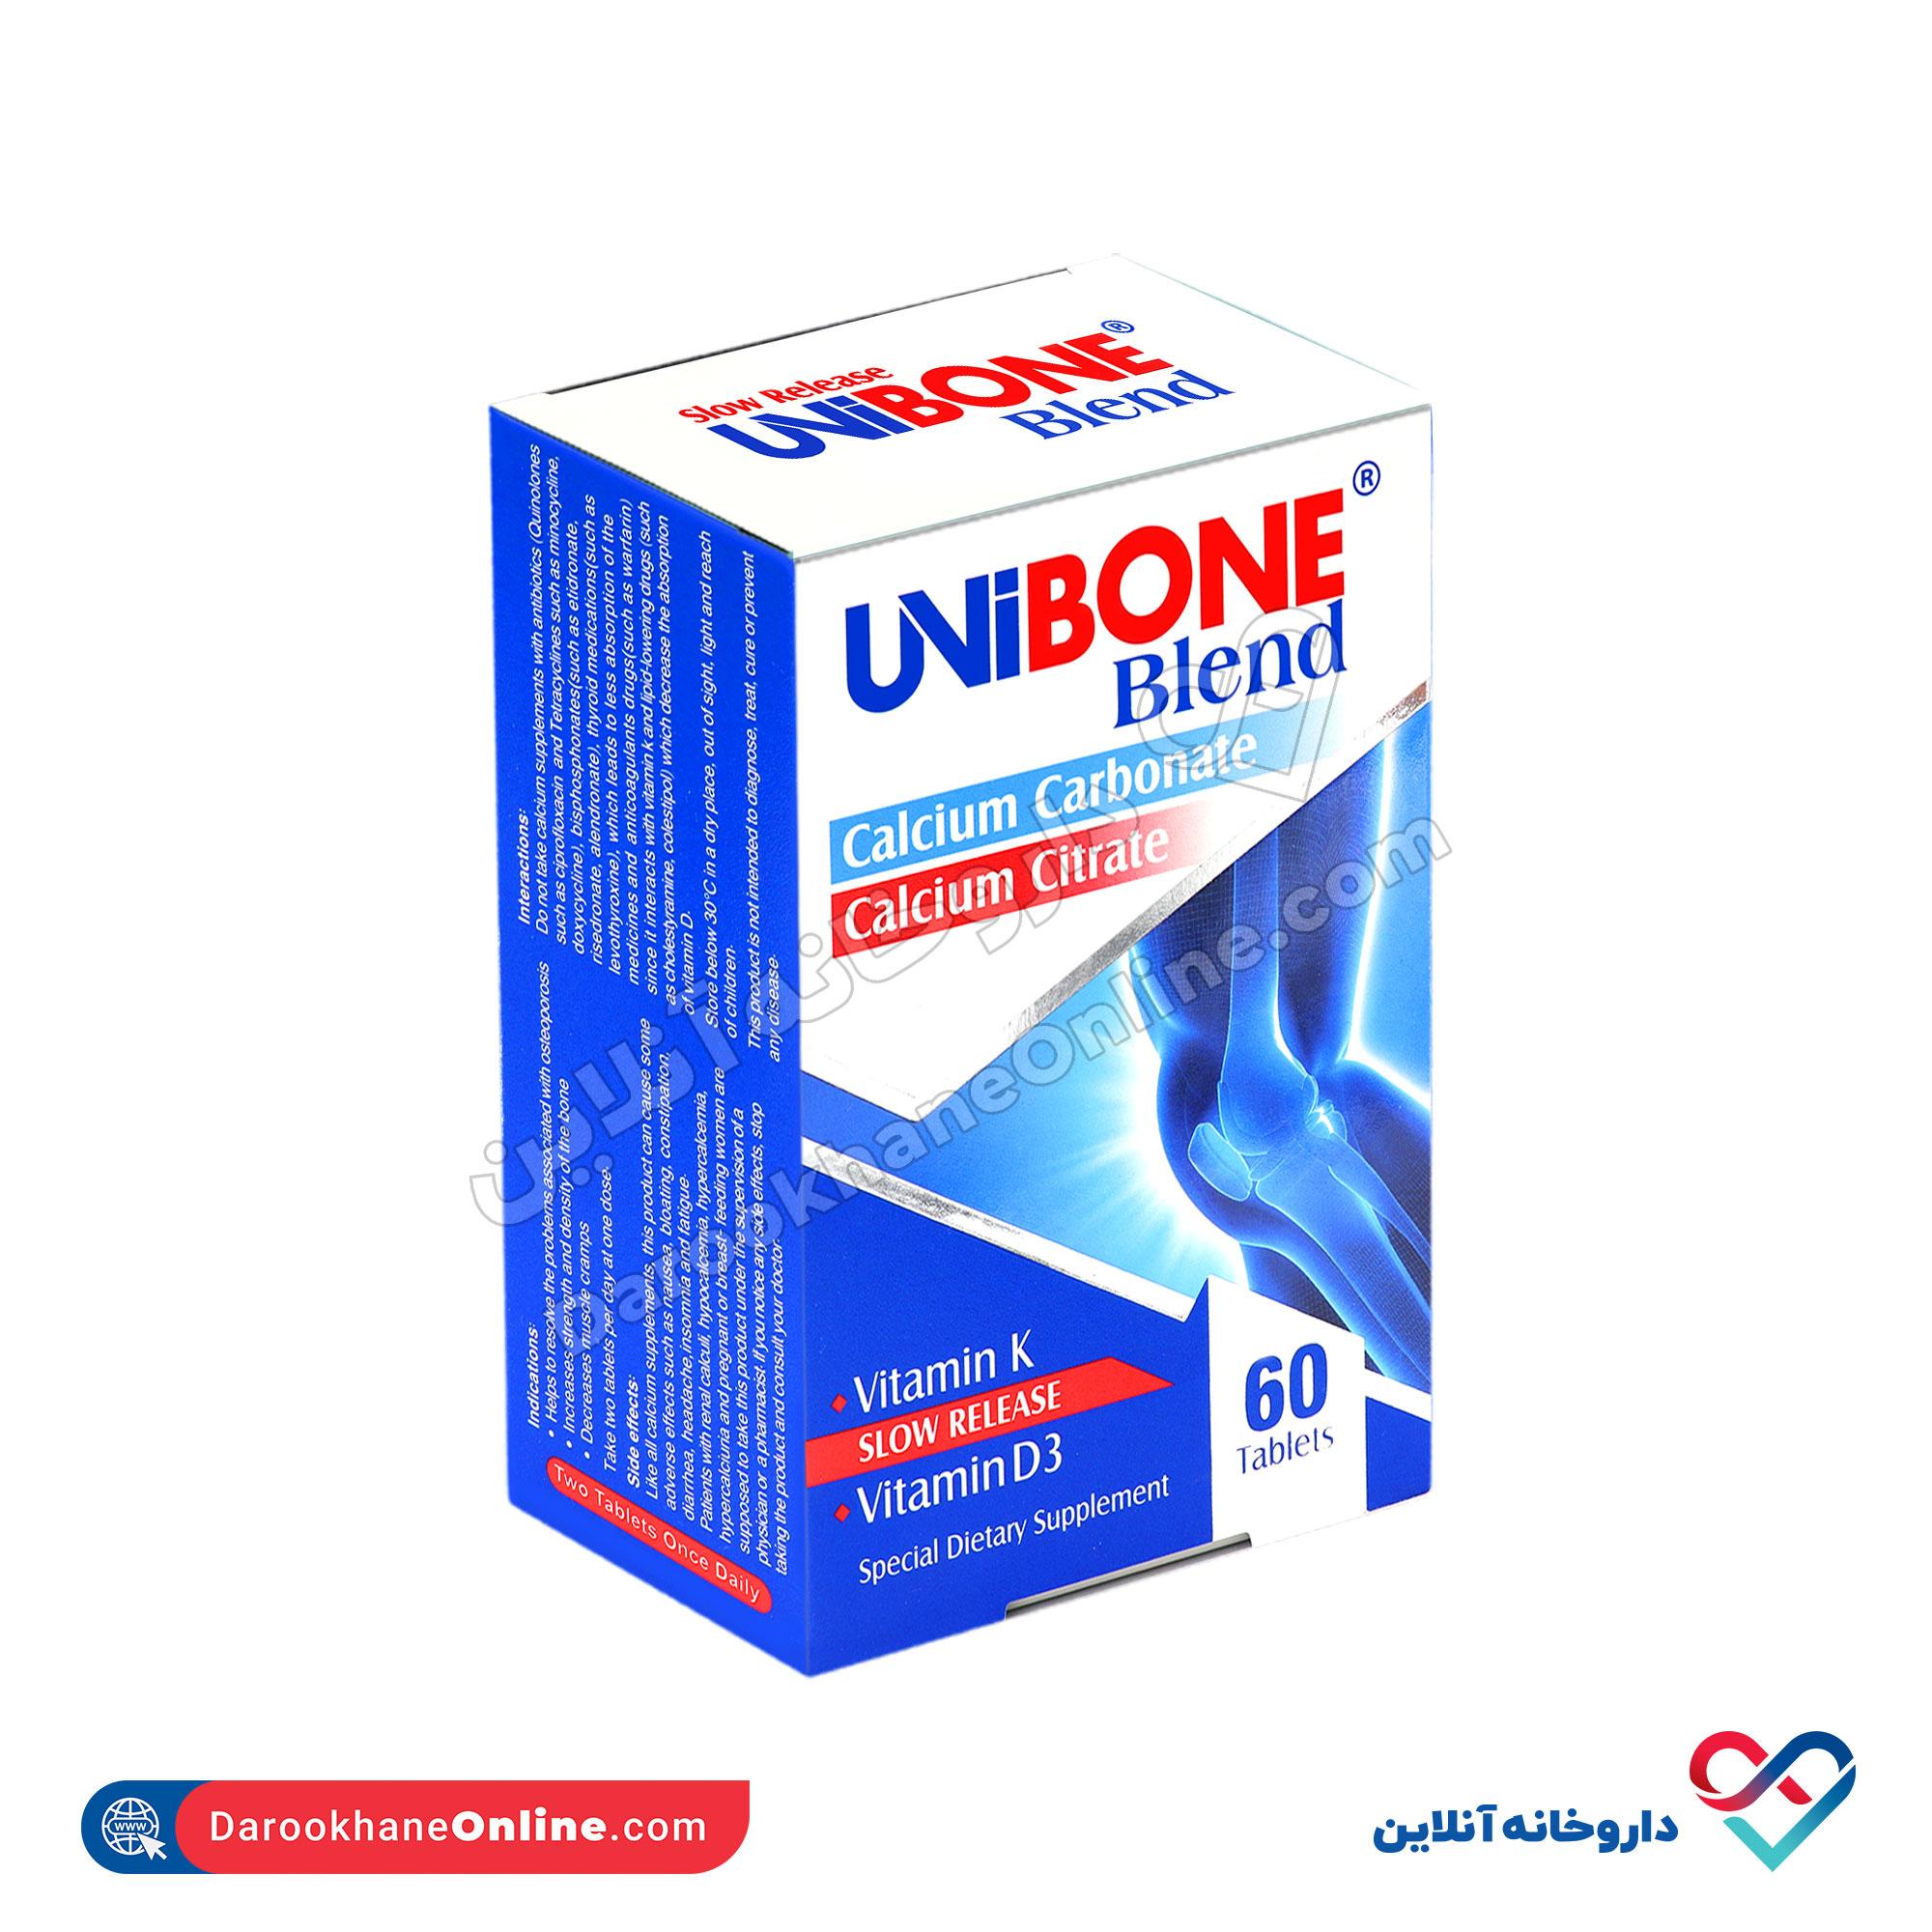 قرص یونی بون بلند لیبرتی سوئیس | 60 عدد | حفظ سلامت استخوان و جلوگیری از پوکی استخوان